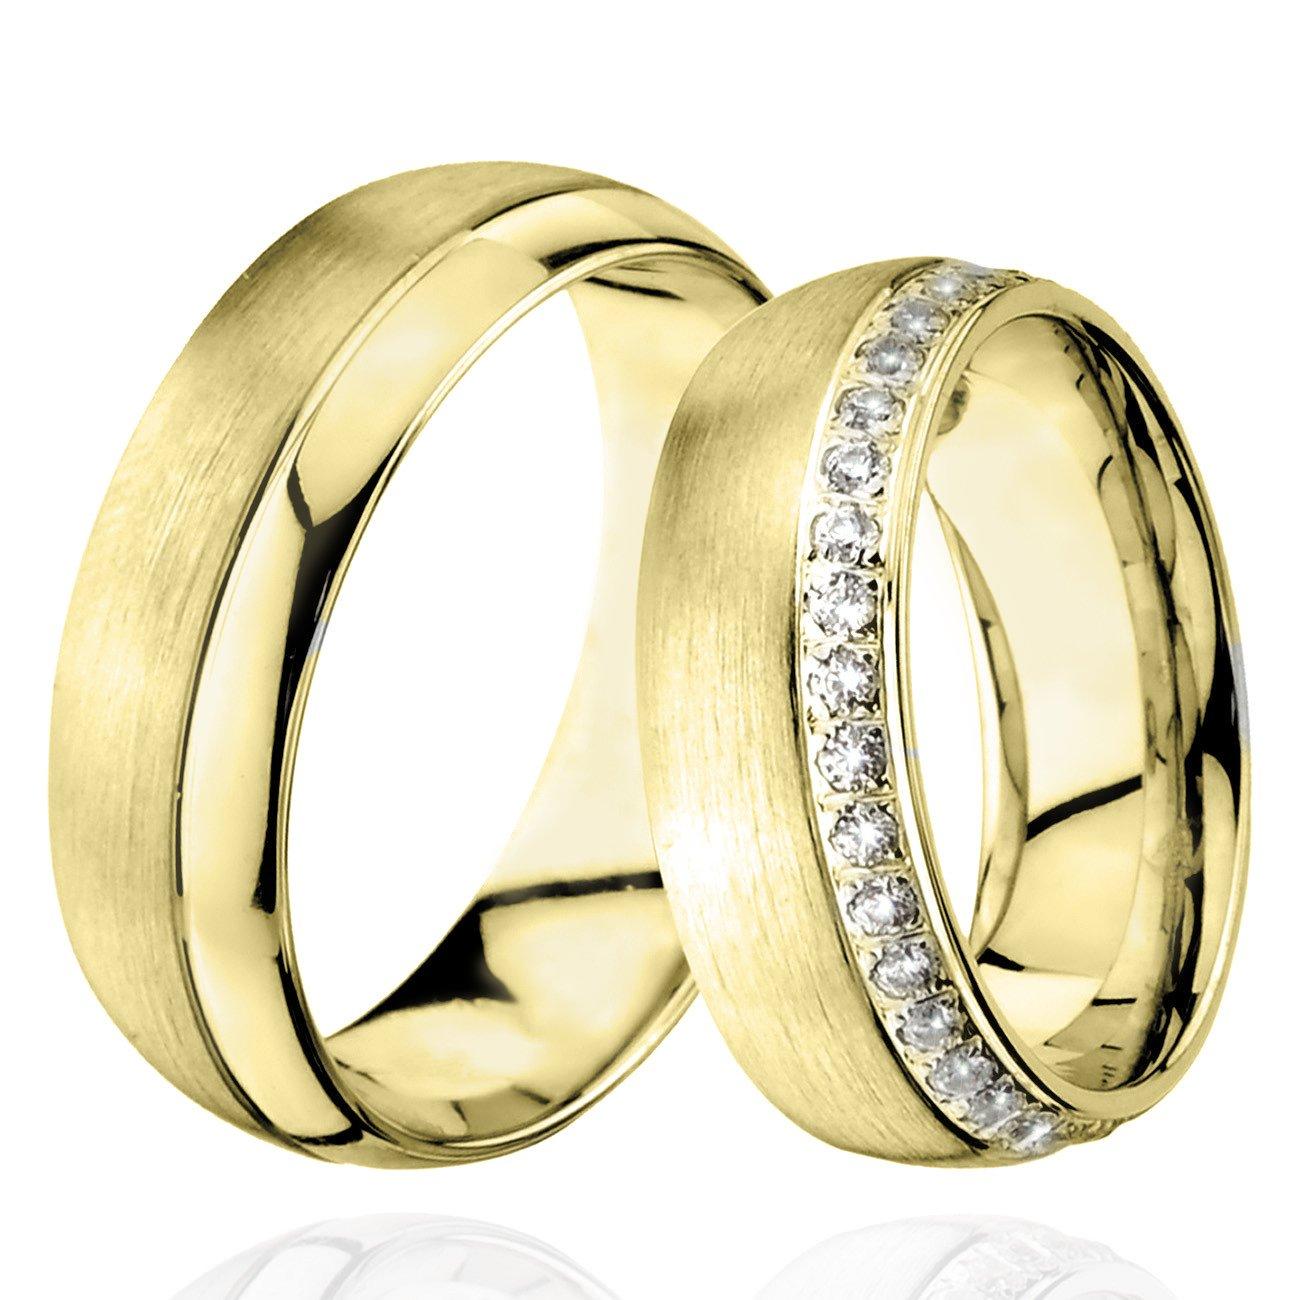 an welcher hand trägt man den verlobungsring